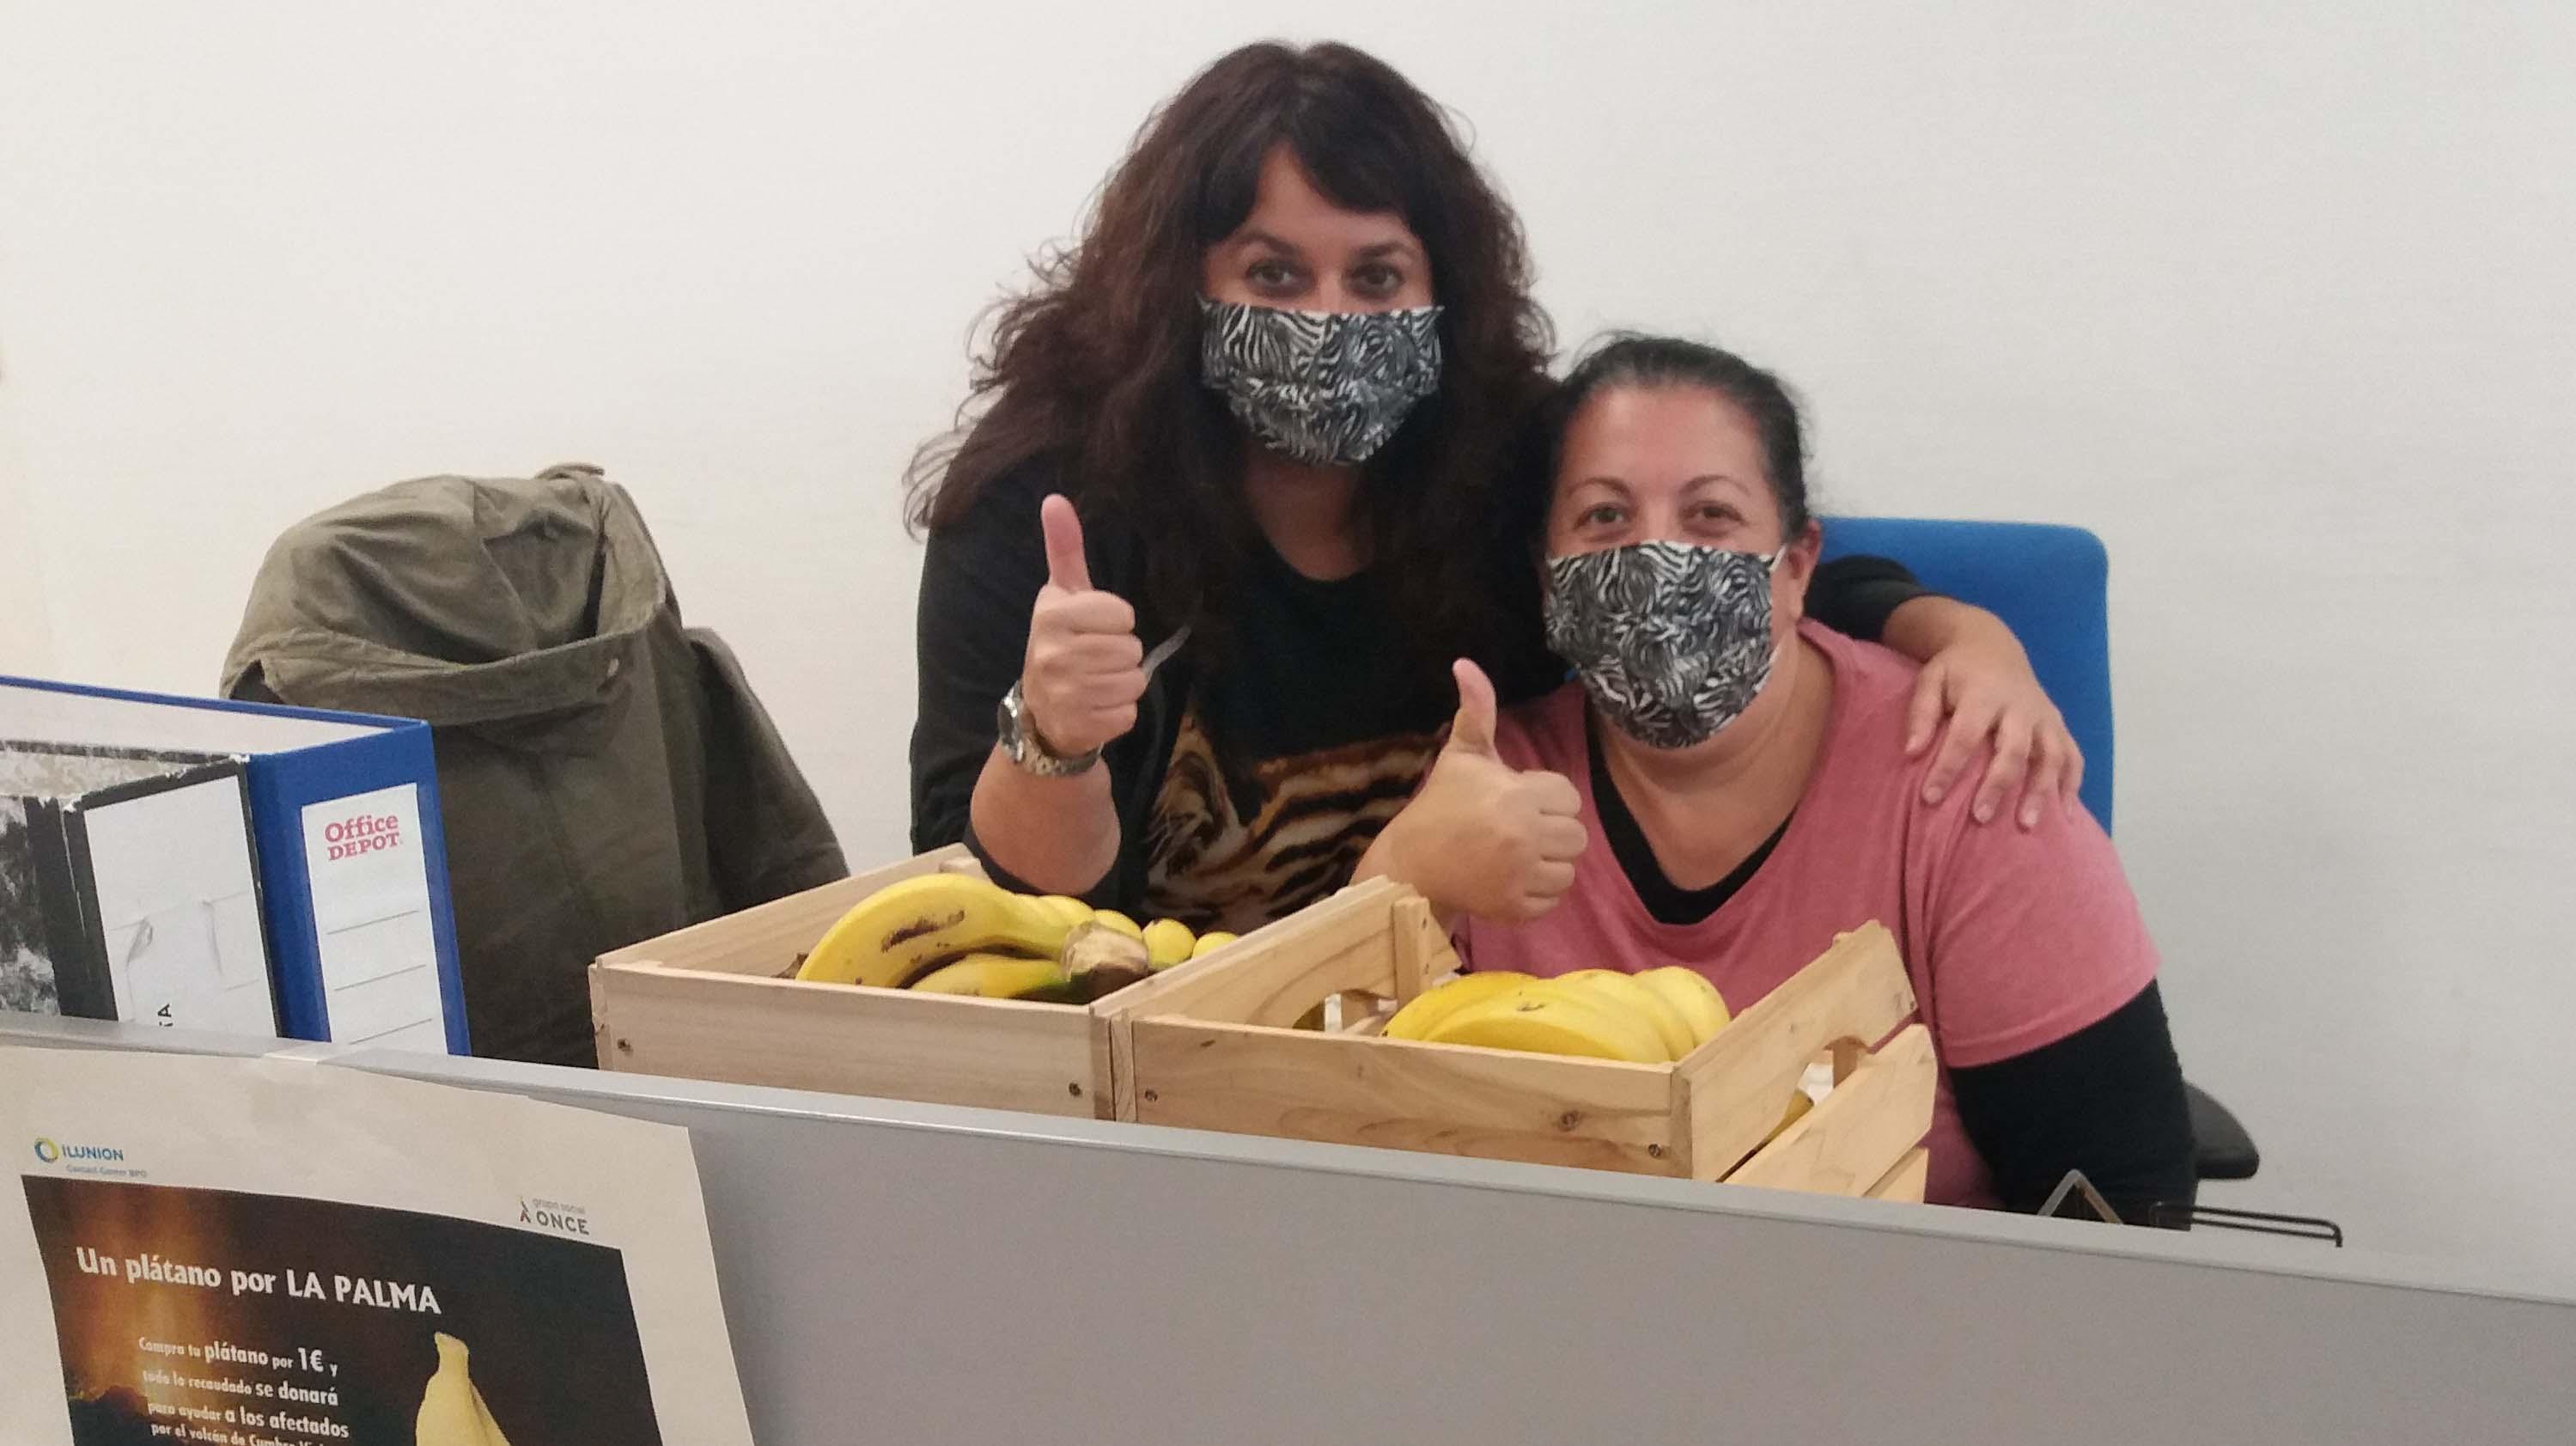 El contact center de ILUNION lanza 'Un plátano por La Palma', para ayudar a los afectados de Cumbre Vieja